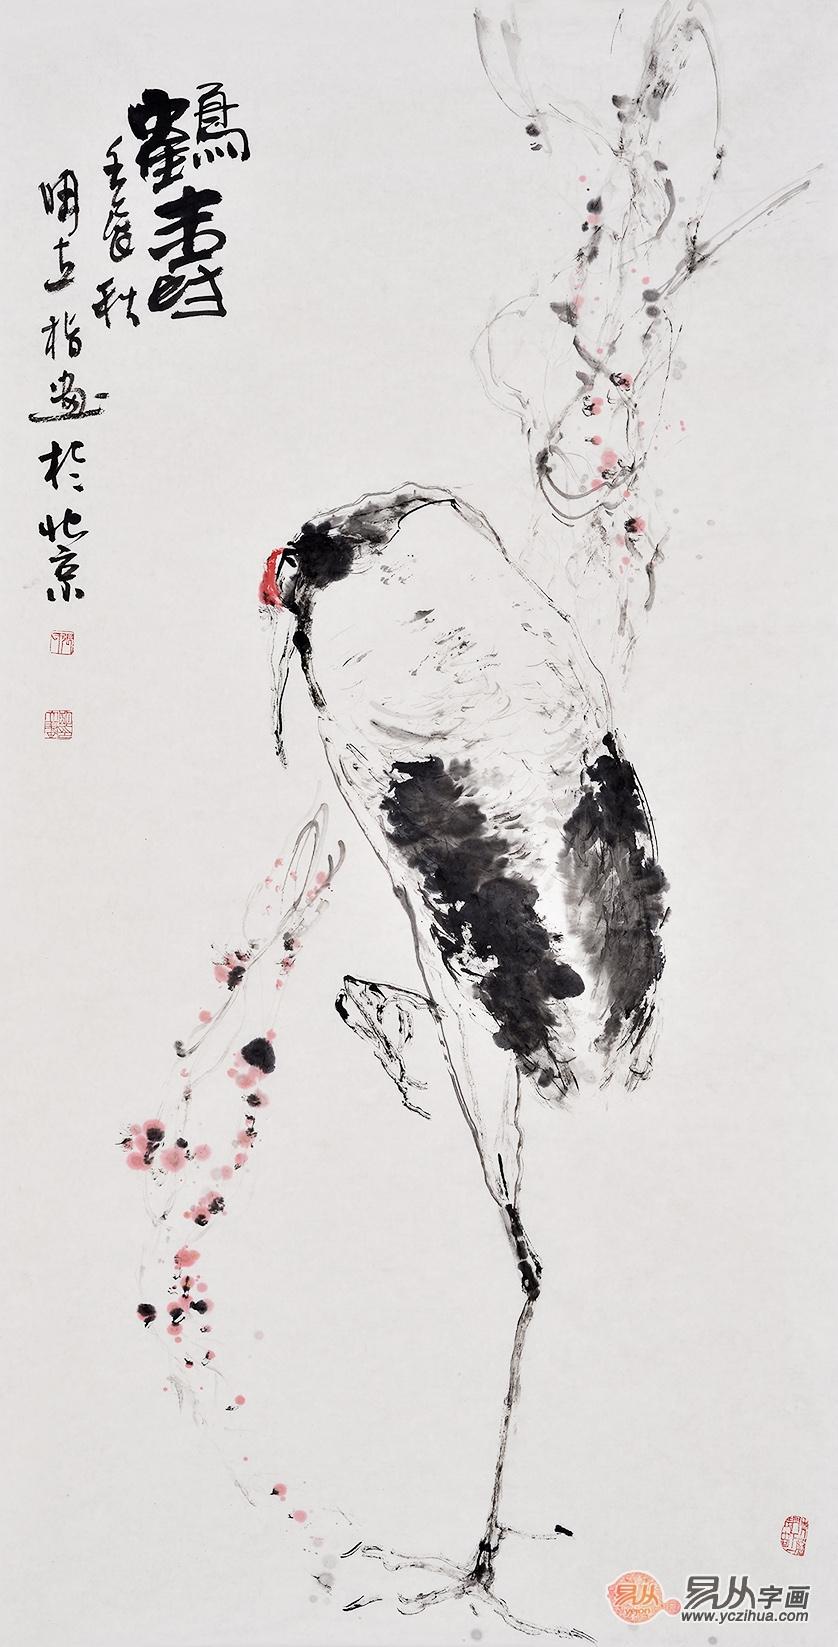 张明立四尺竖幅动物画仙鹤作品《鹤寿》